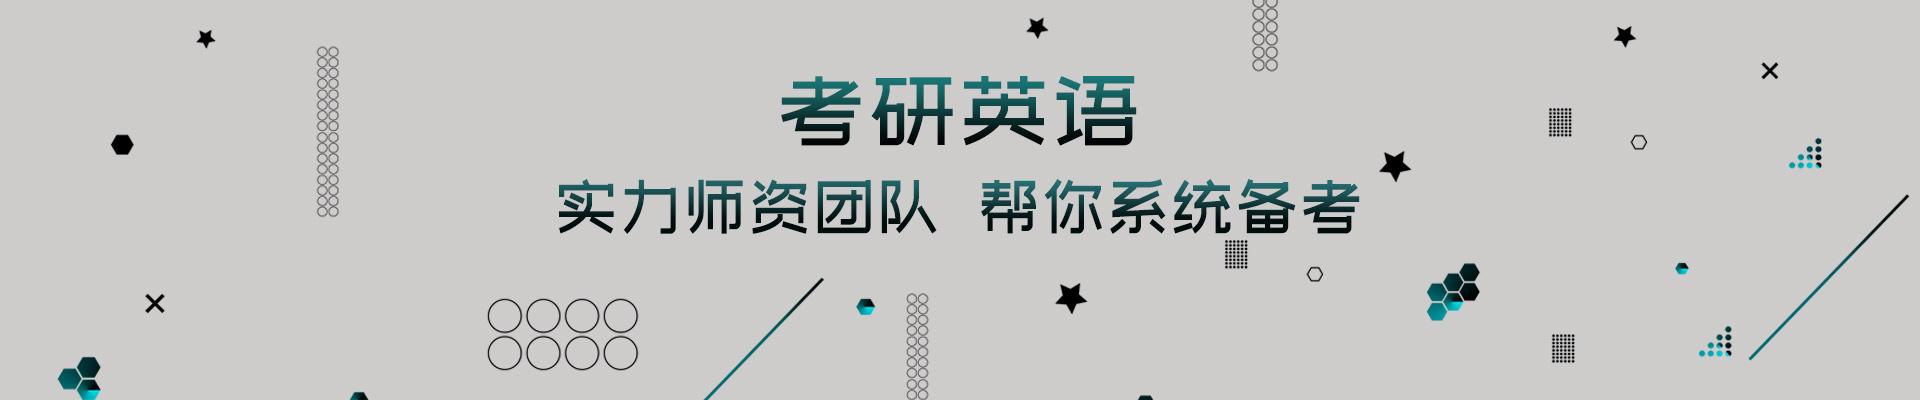 杭州新航道英语培训